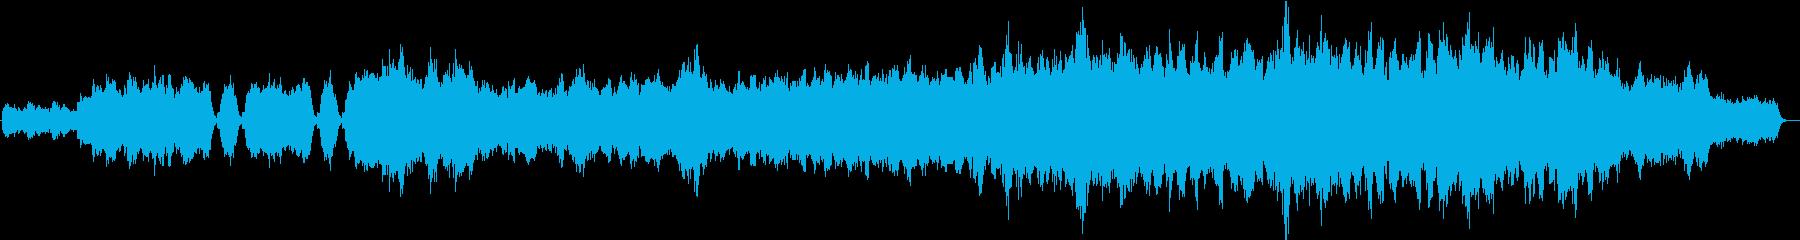 王道感動系BGMの再生済みの波形